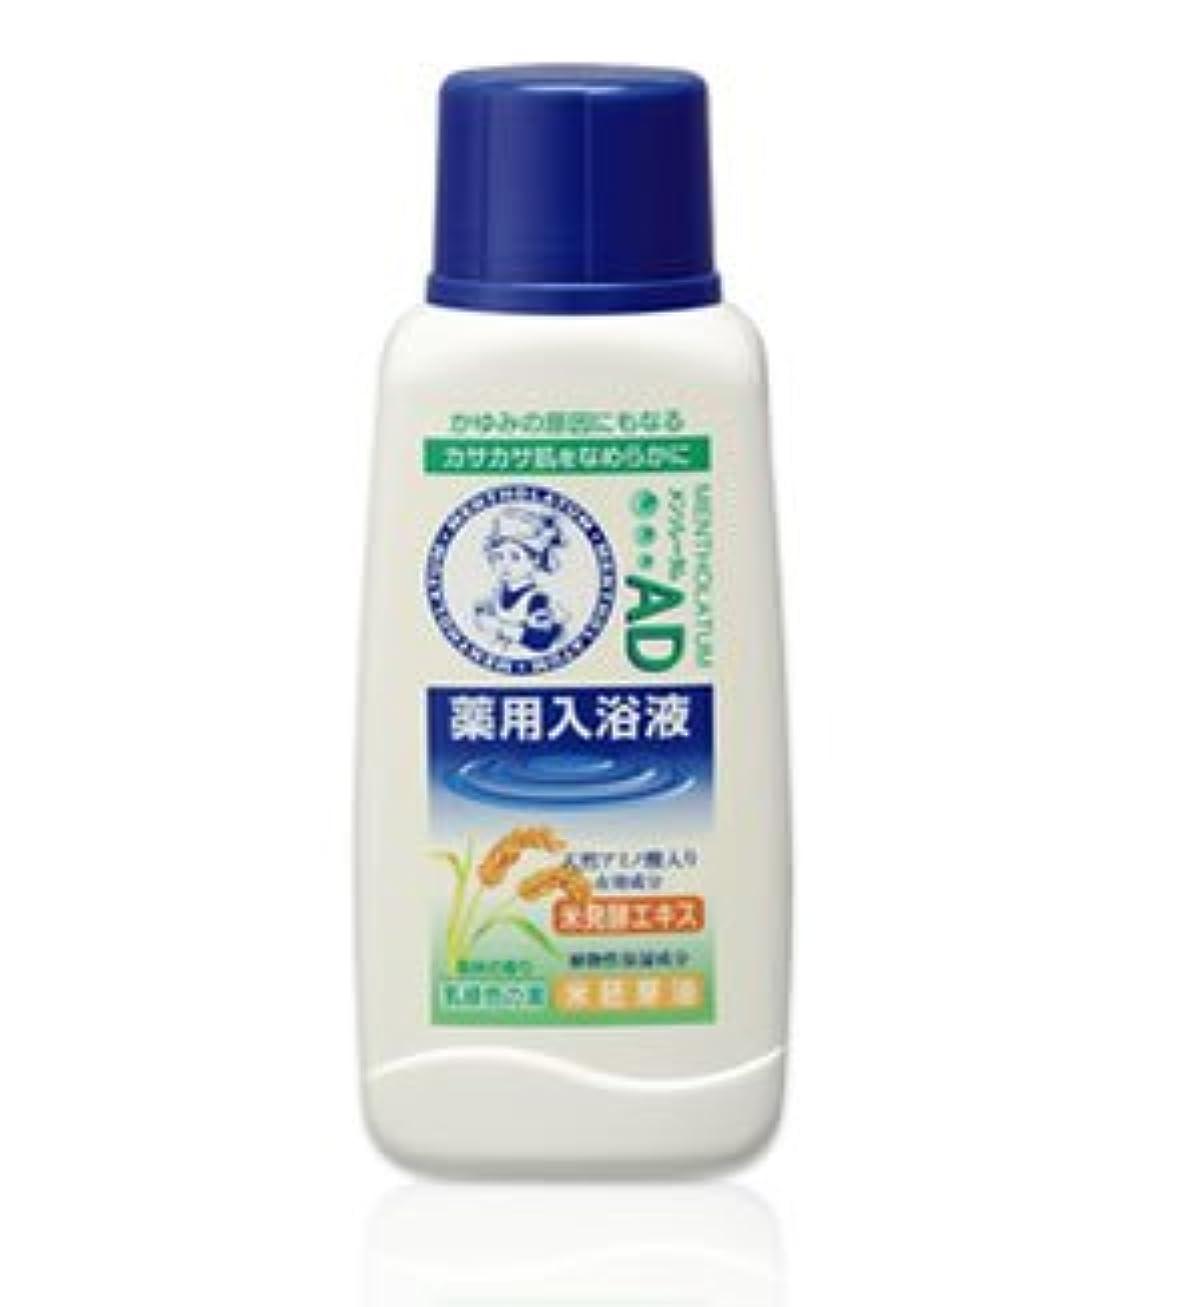 ペネロペけん引ペチュランス(ロート)メンソレータム AD薬用入浴剤 森林の香り720ml(医薬部外品)(お買い得3本セット)